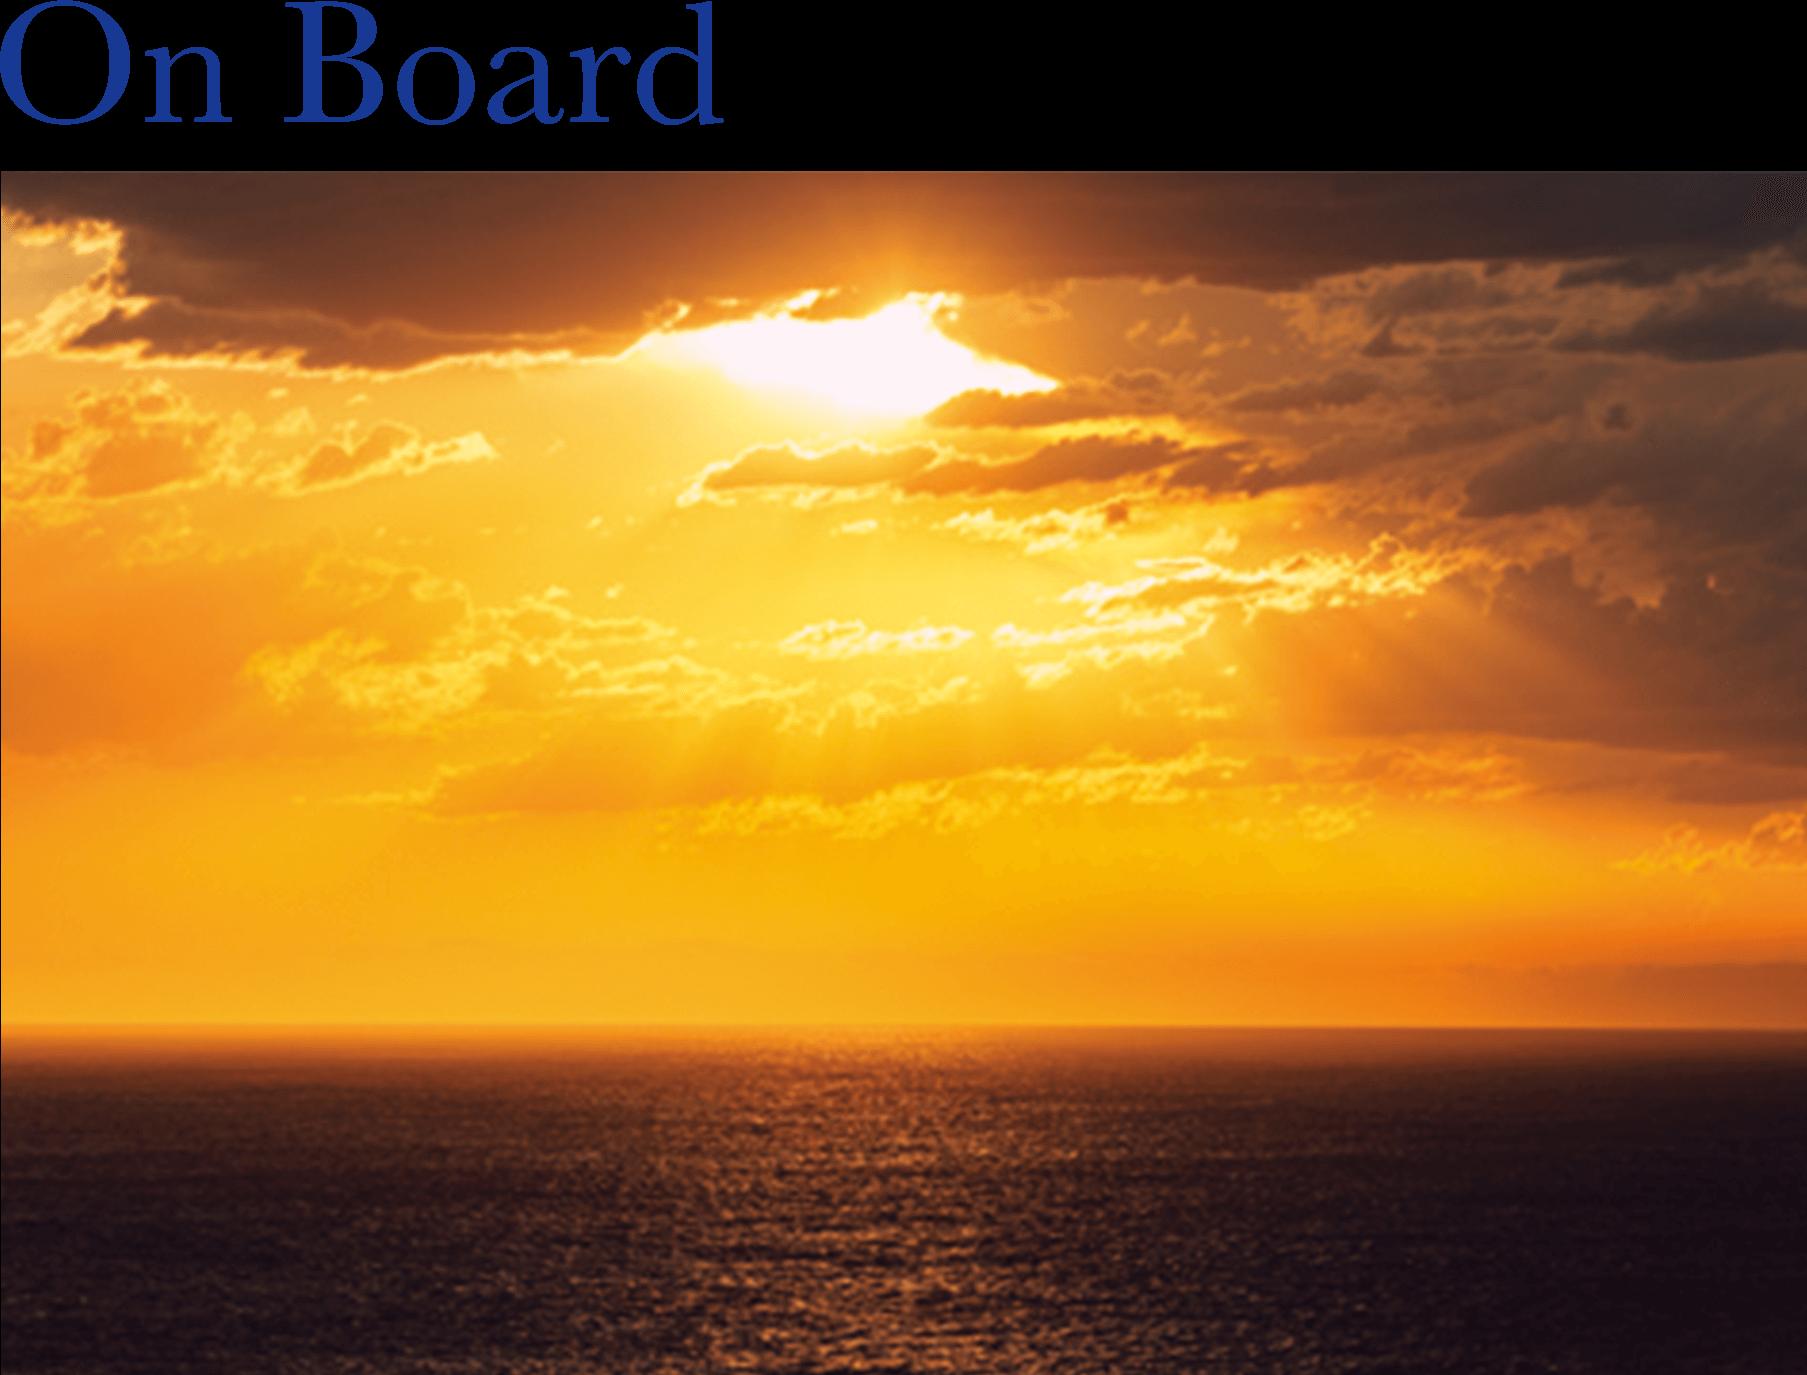 2021年 オセアニアグランドクルーズ On Board 船上の夕陽 詳細情報